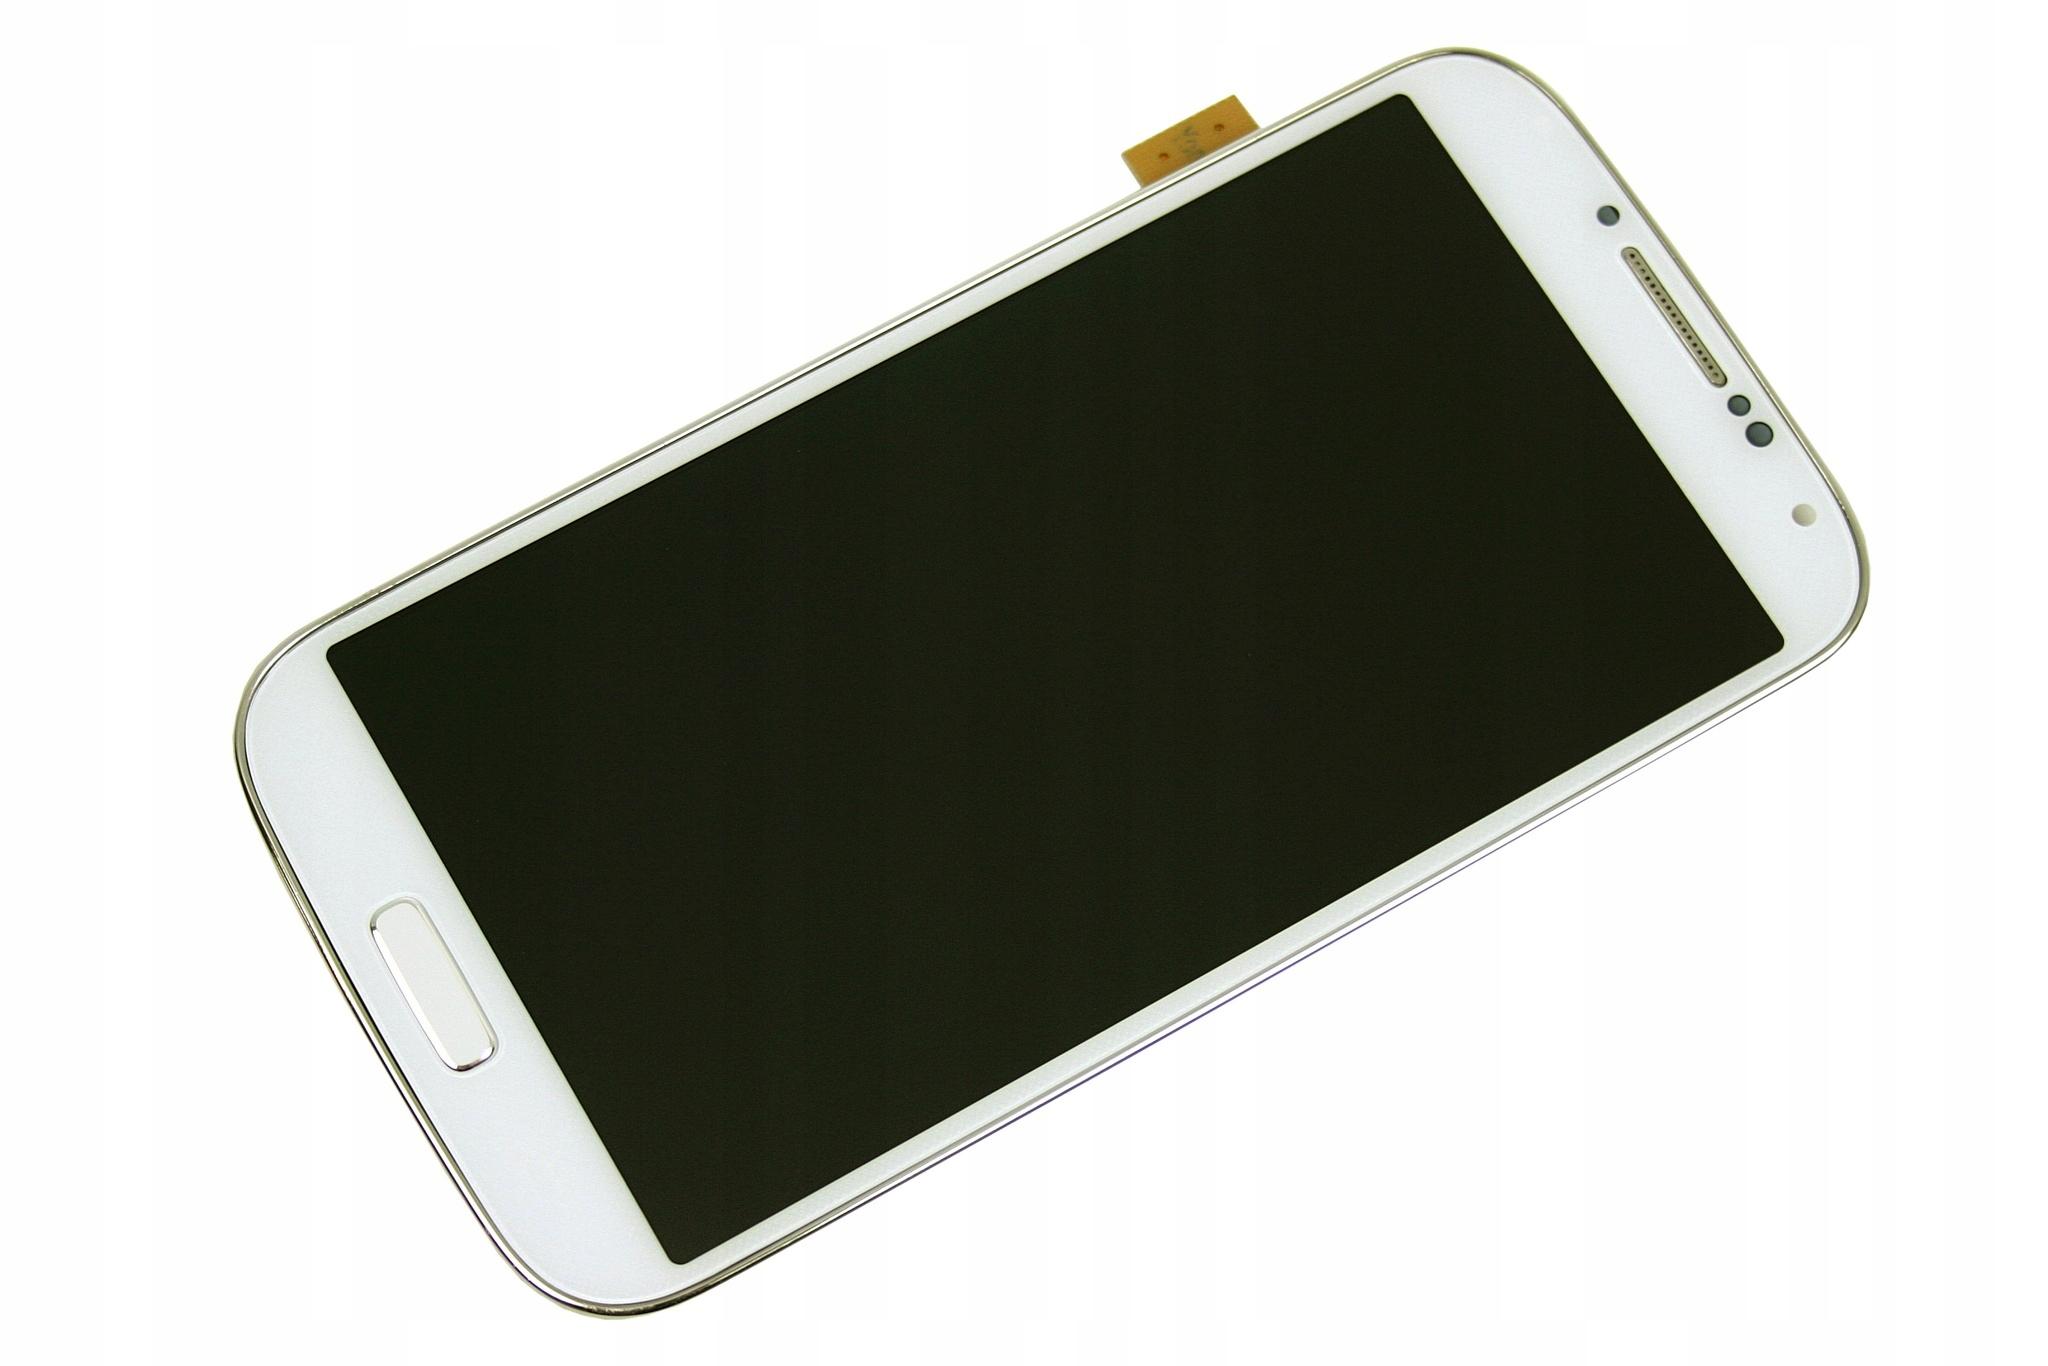 DOTYK RAMKA WYŚWIETLACZ LCD SAMSUNG S4 I9500 BIAŁY